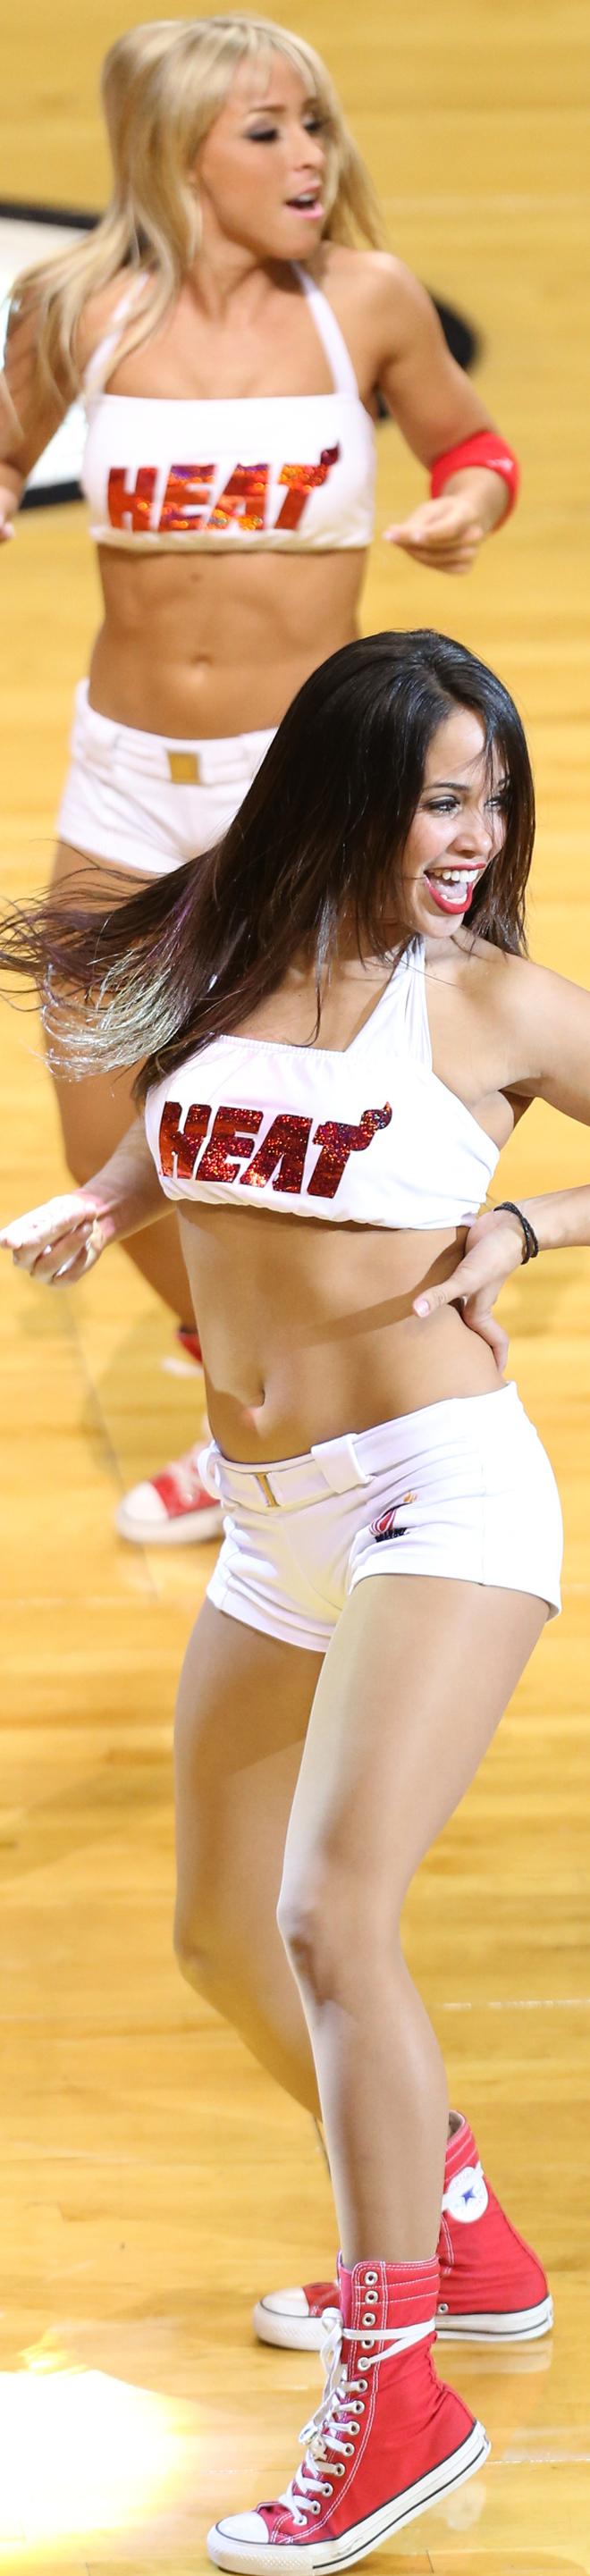 Las cheerleaders de los Heat ayudaron a su equipo a ganar a los Spurs y empatar las Finales de la NBA.